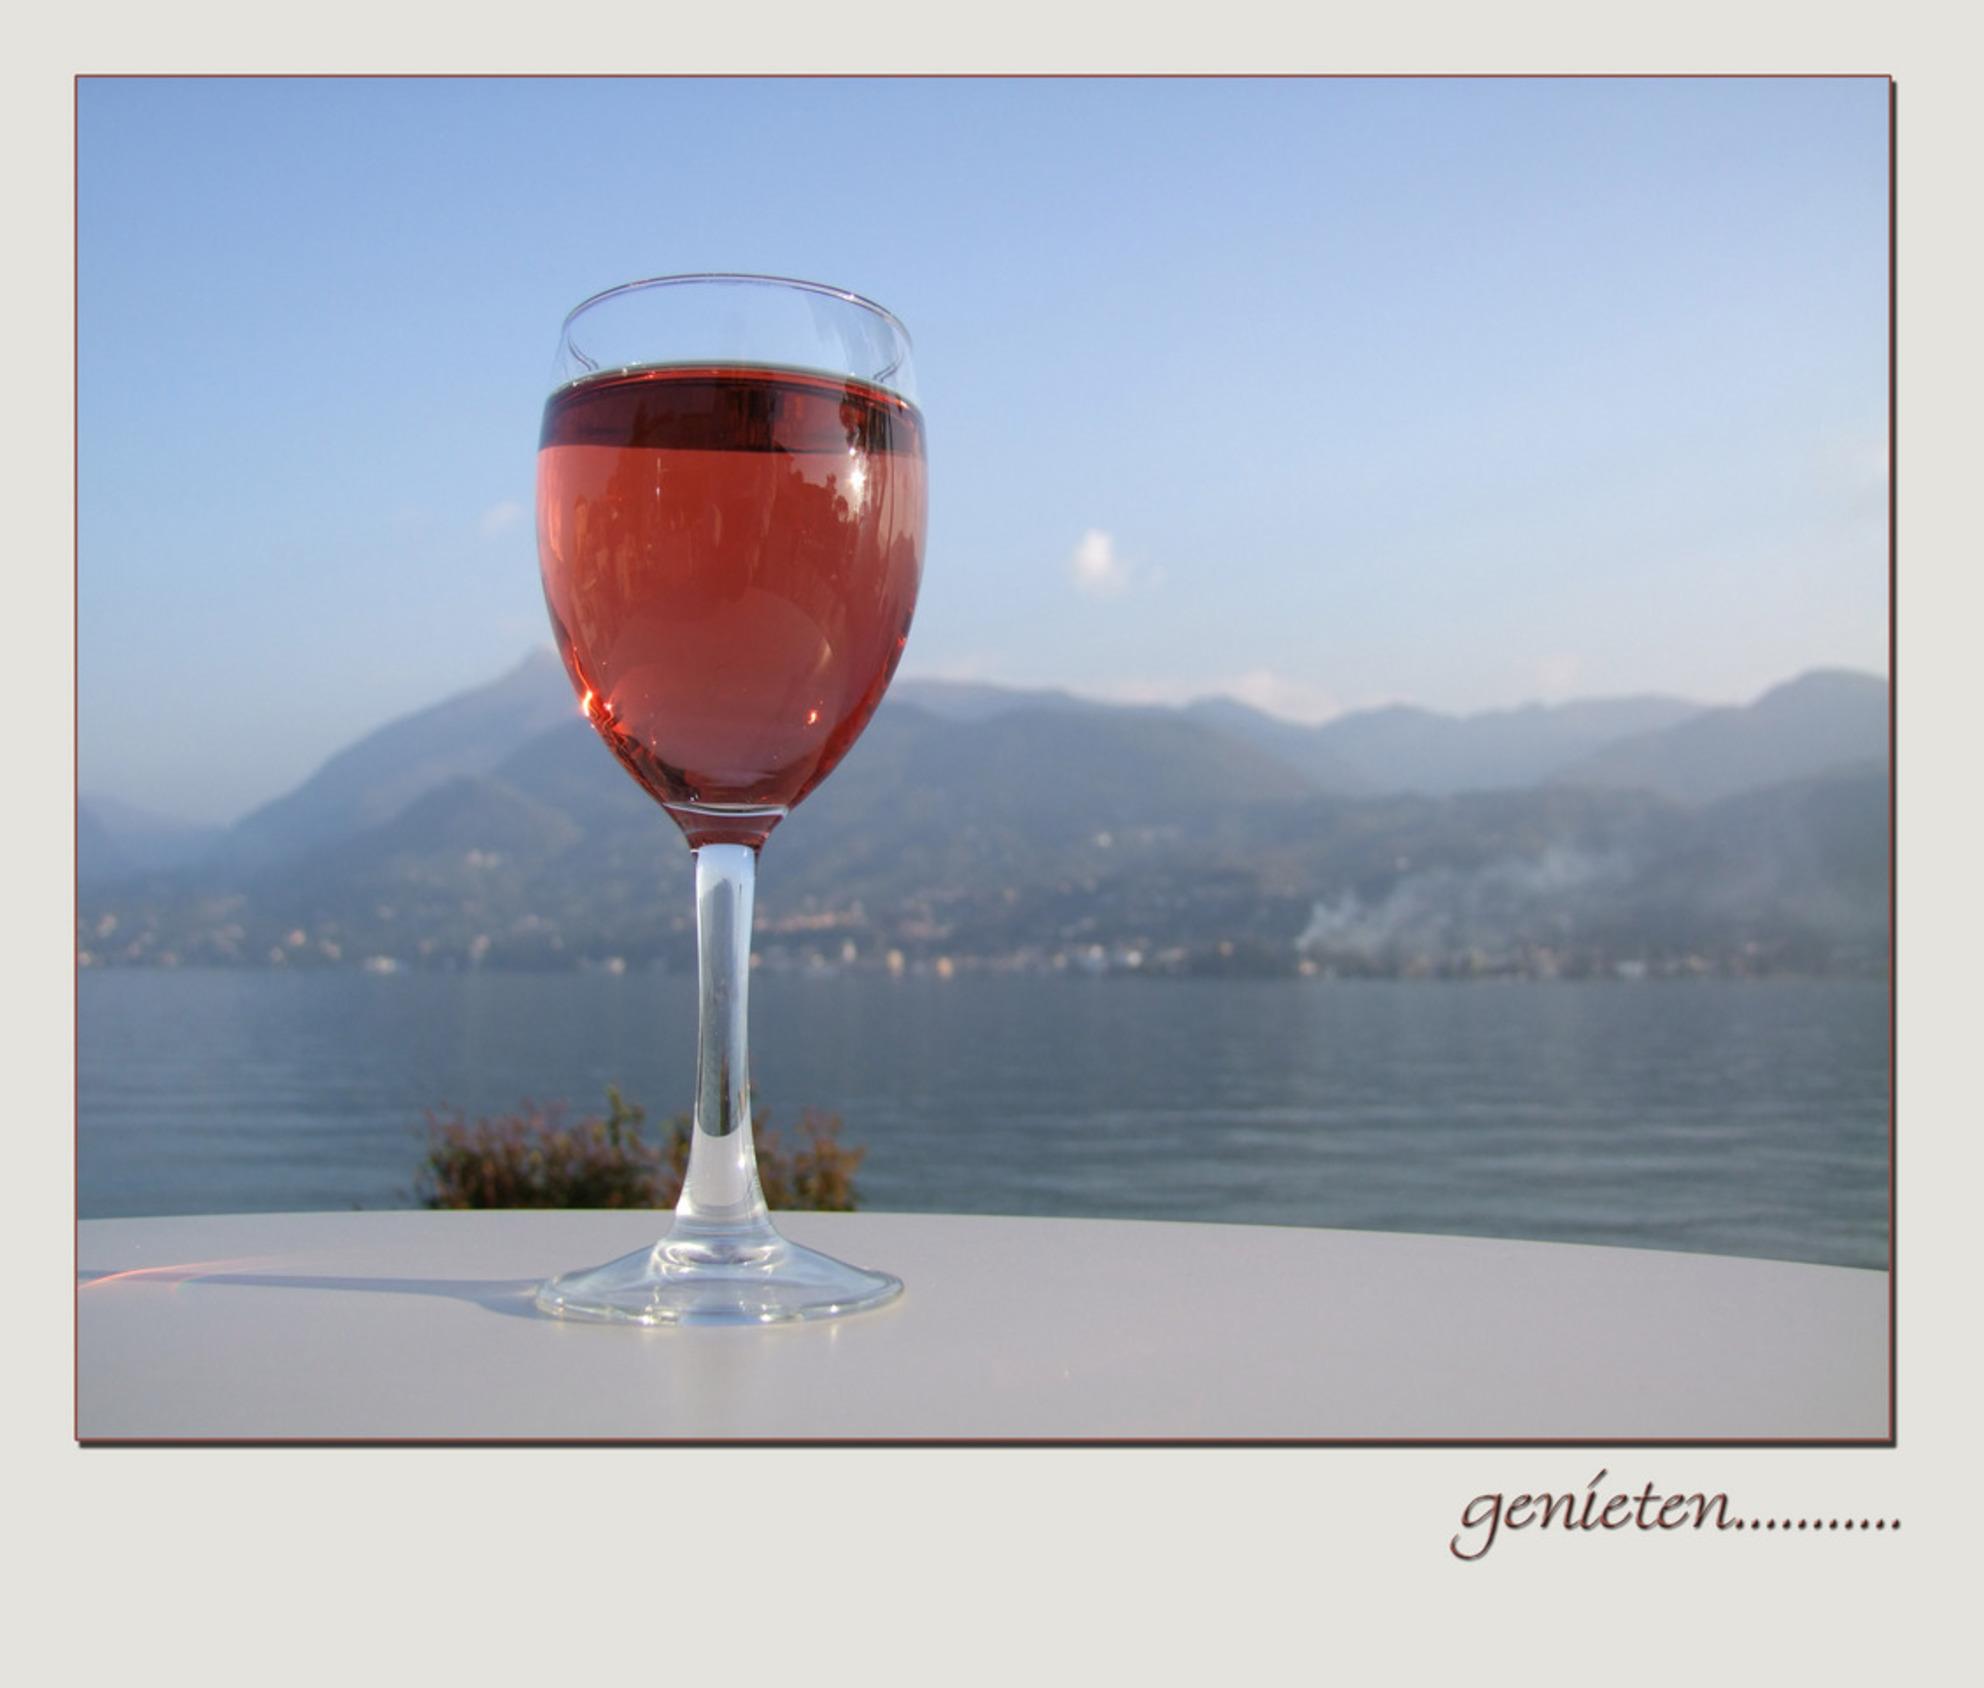 nog een fijne paasvakantie - Dat wensen wij alle zoomers - foto door Marieke45 op 09-04-2010 - deze foto bevat: zon, zee, lente, vakantie, meer, wijn, genieten, paasvakantie